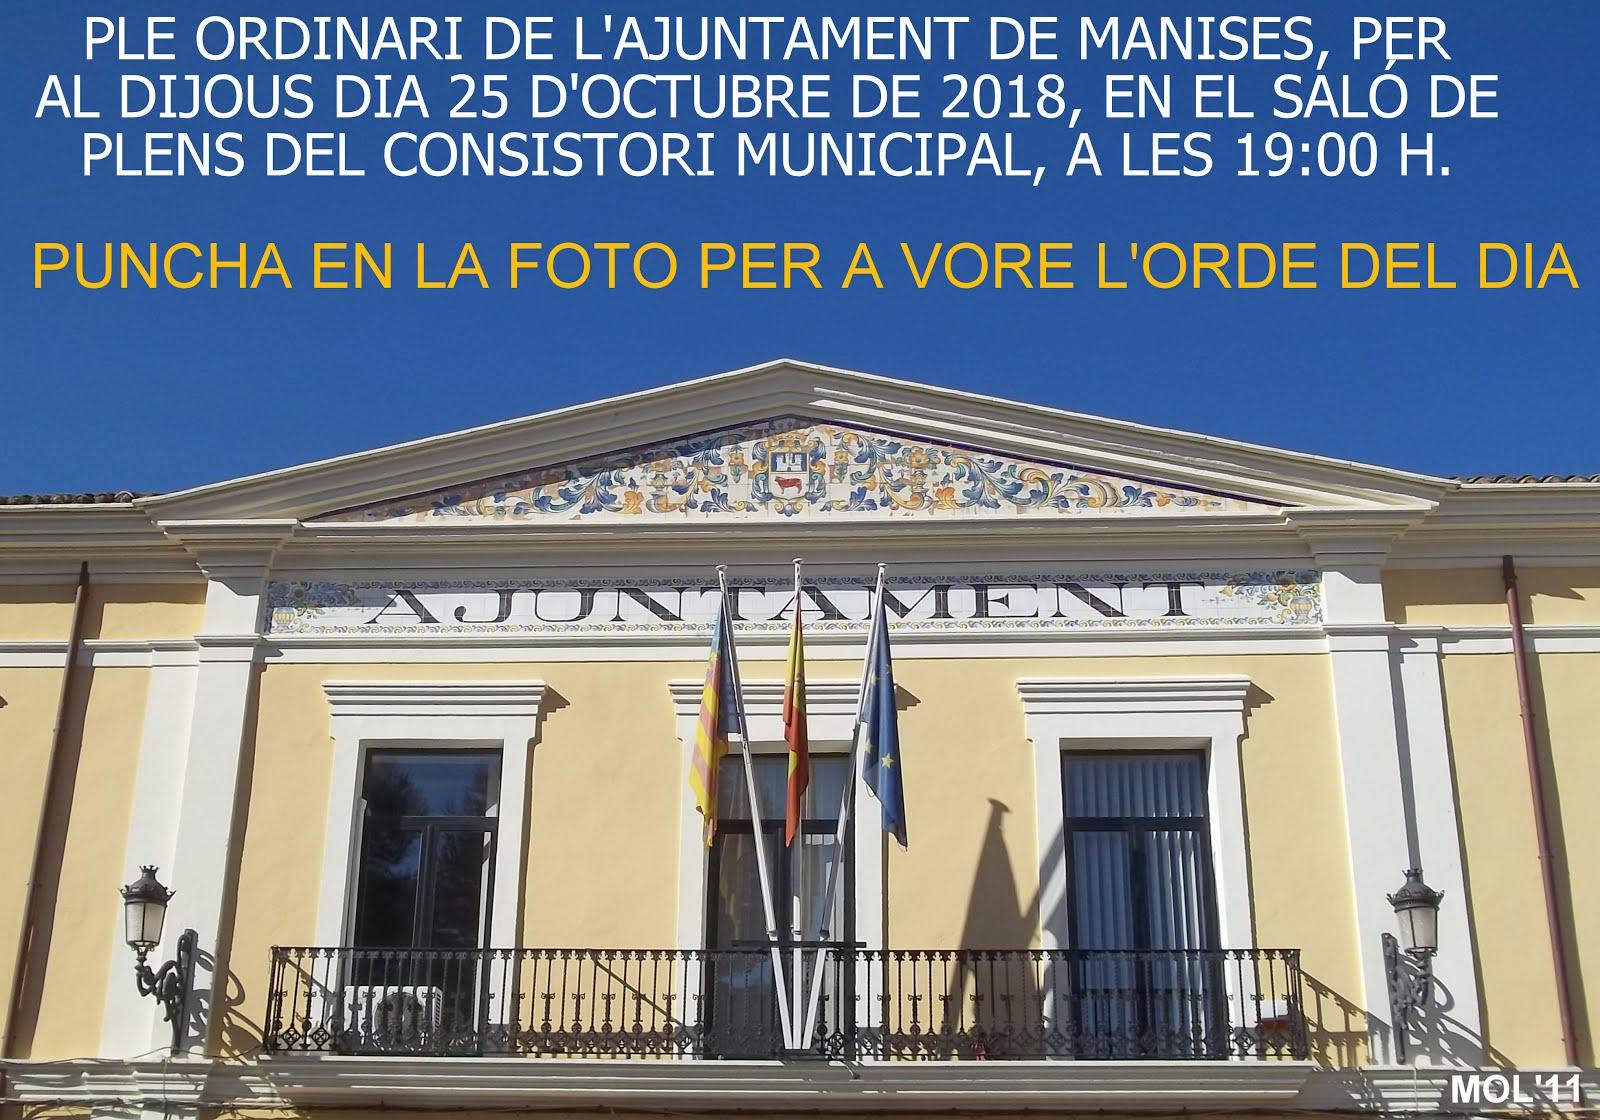 25.10.18 PLENO ORDINARIO DEL AYTO. DE MANISES DEL MES DE OCTUBRE